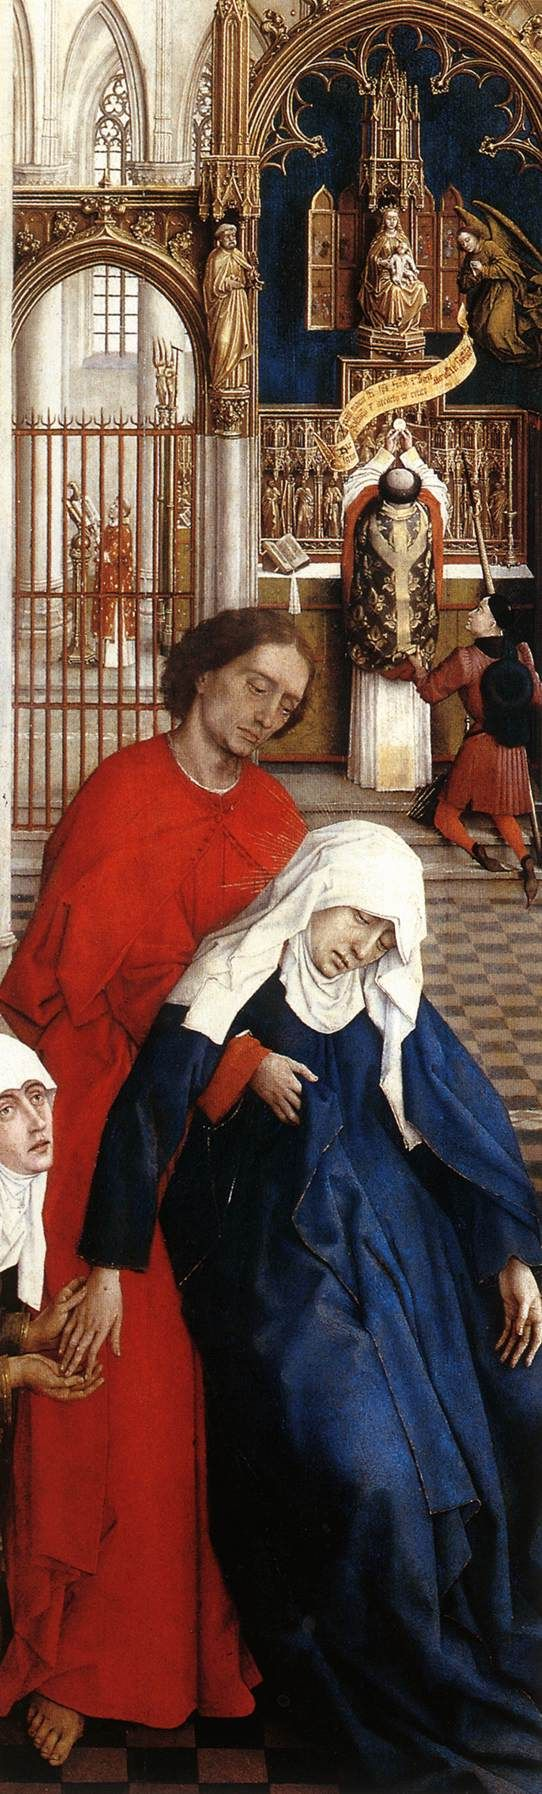 Rogier van der Weyden. Seven Sacraments Altarpiece (detail); 1445-50. Oil on oak panel. Koninklijk Museum voor Schone Kunsten, Antwerp